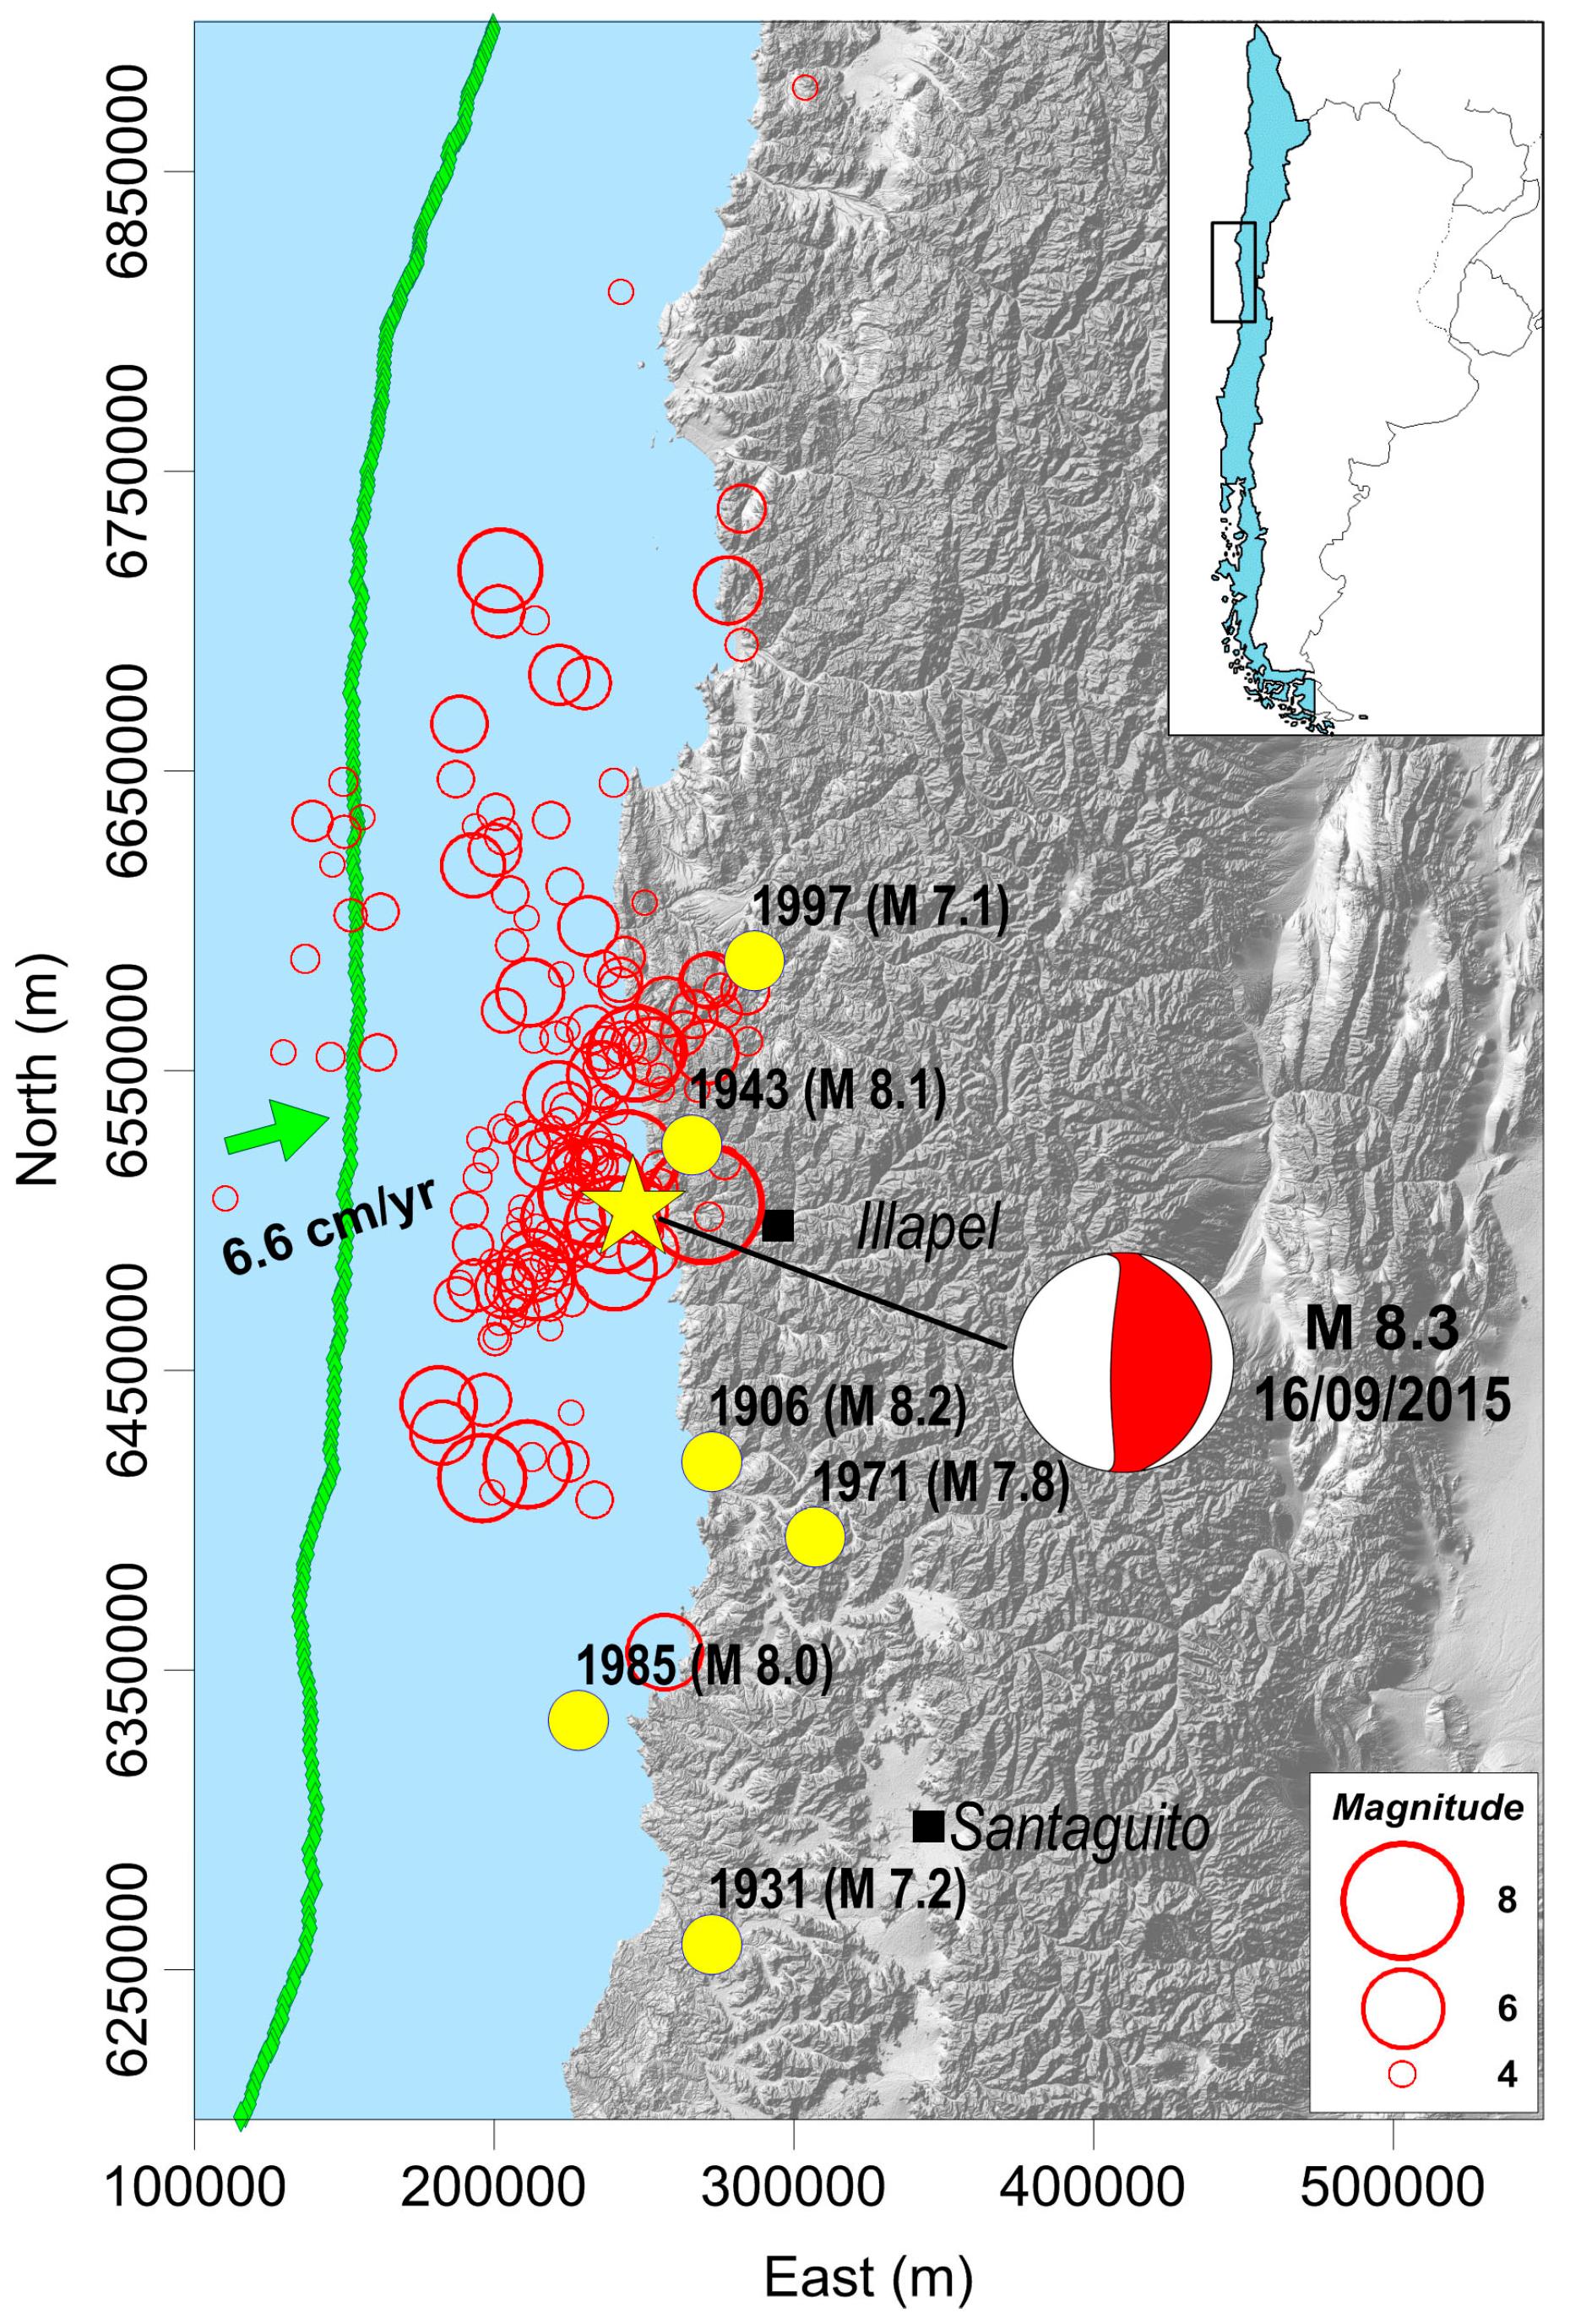 2015 Illapel earthquake